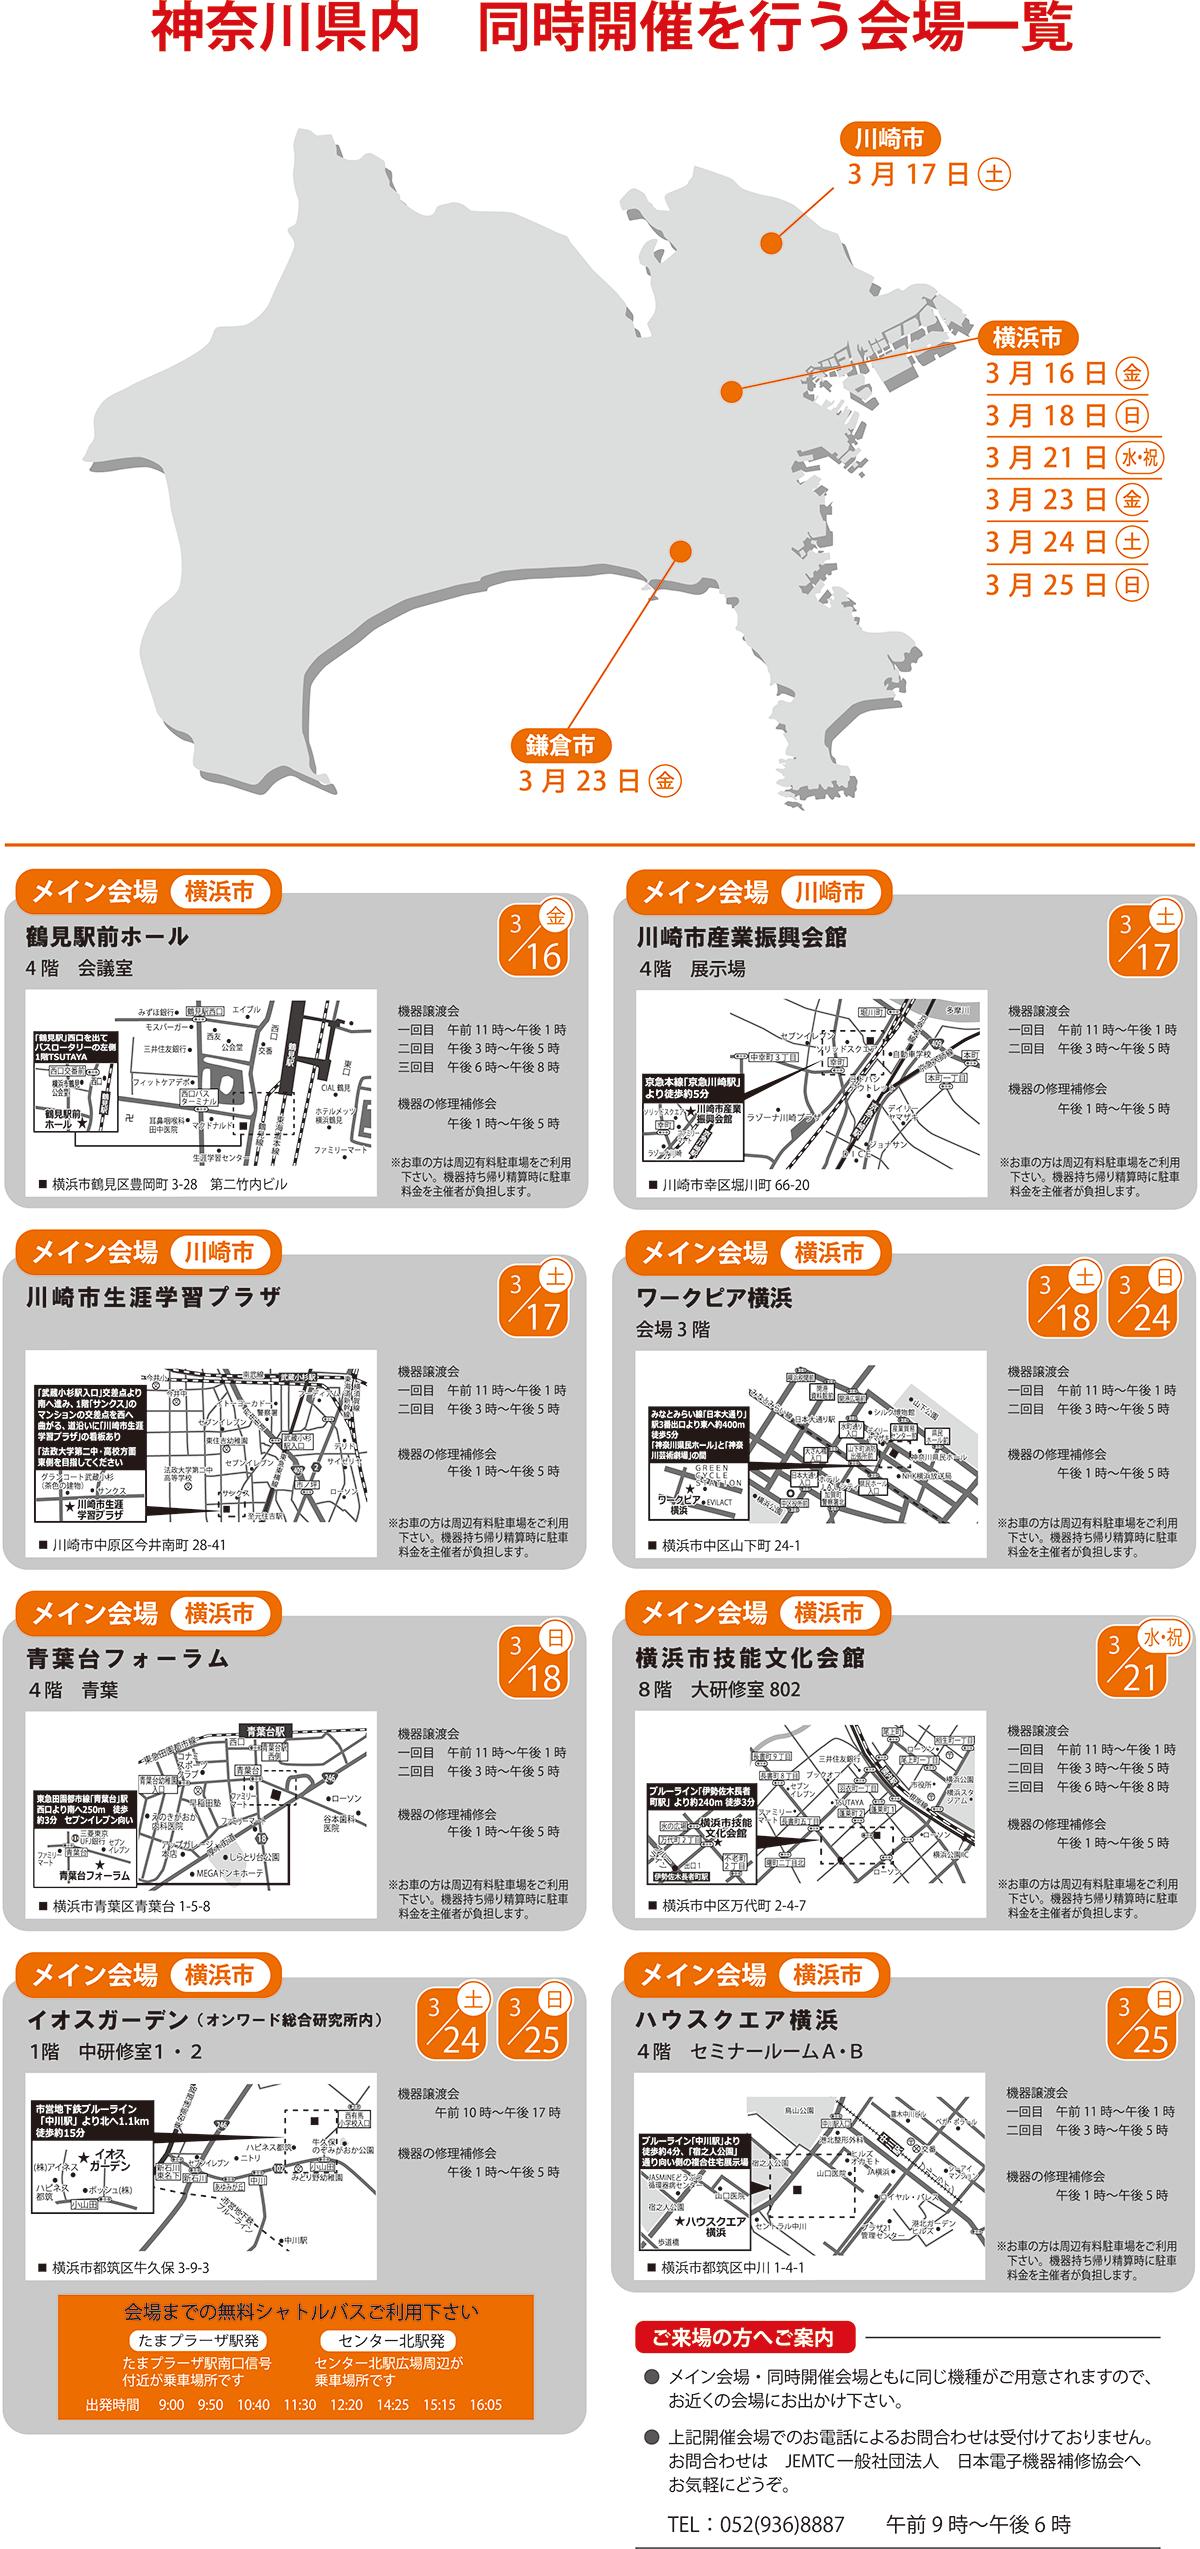 ジェムテクノートパソコン有償譲渡会in神奈川_他開催会場